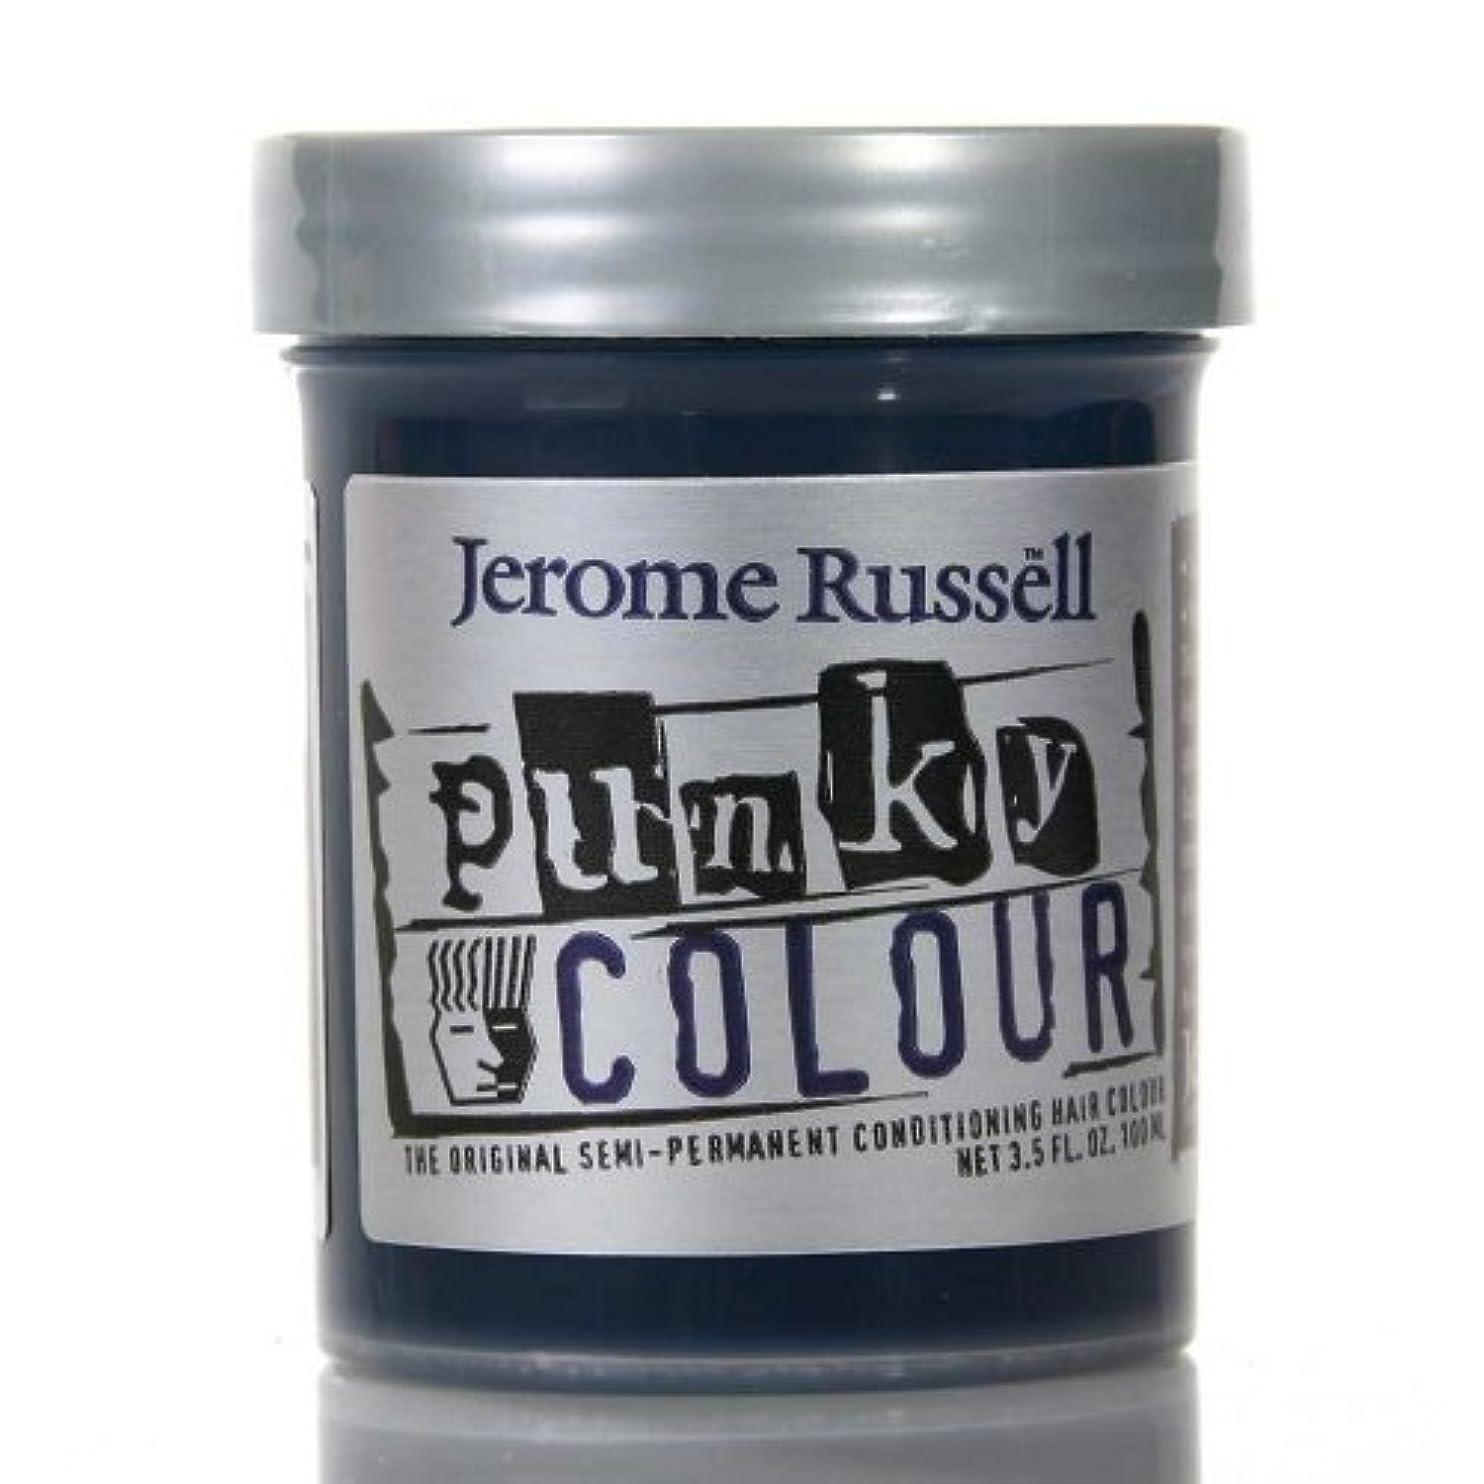 セメント細部透けて見えるJEROME RUSSELL Punky Color Semi-Permanent Conditioning Hair Color - Midnight Blue (並行輸入品)